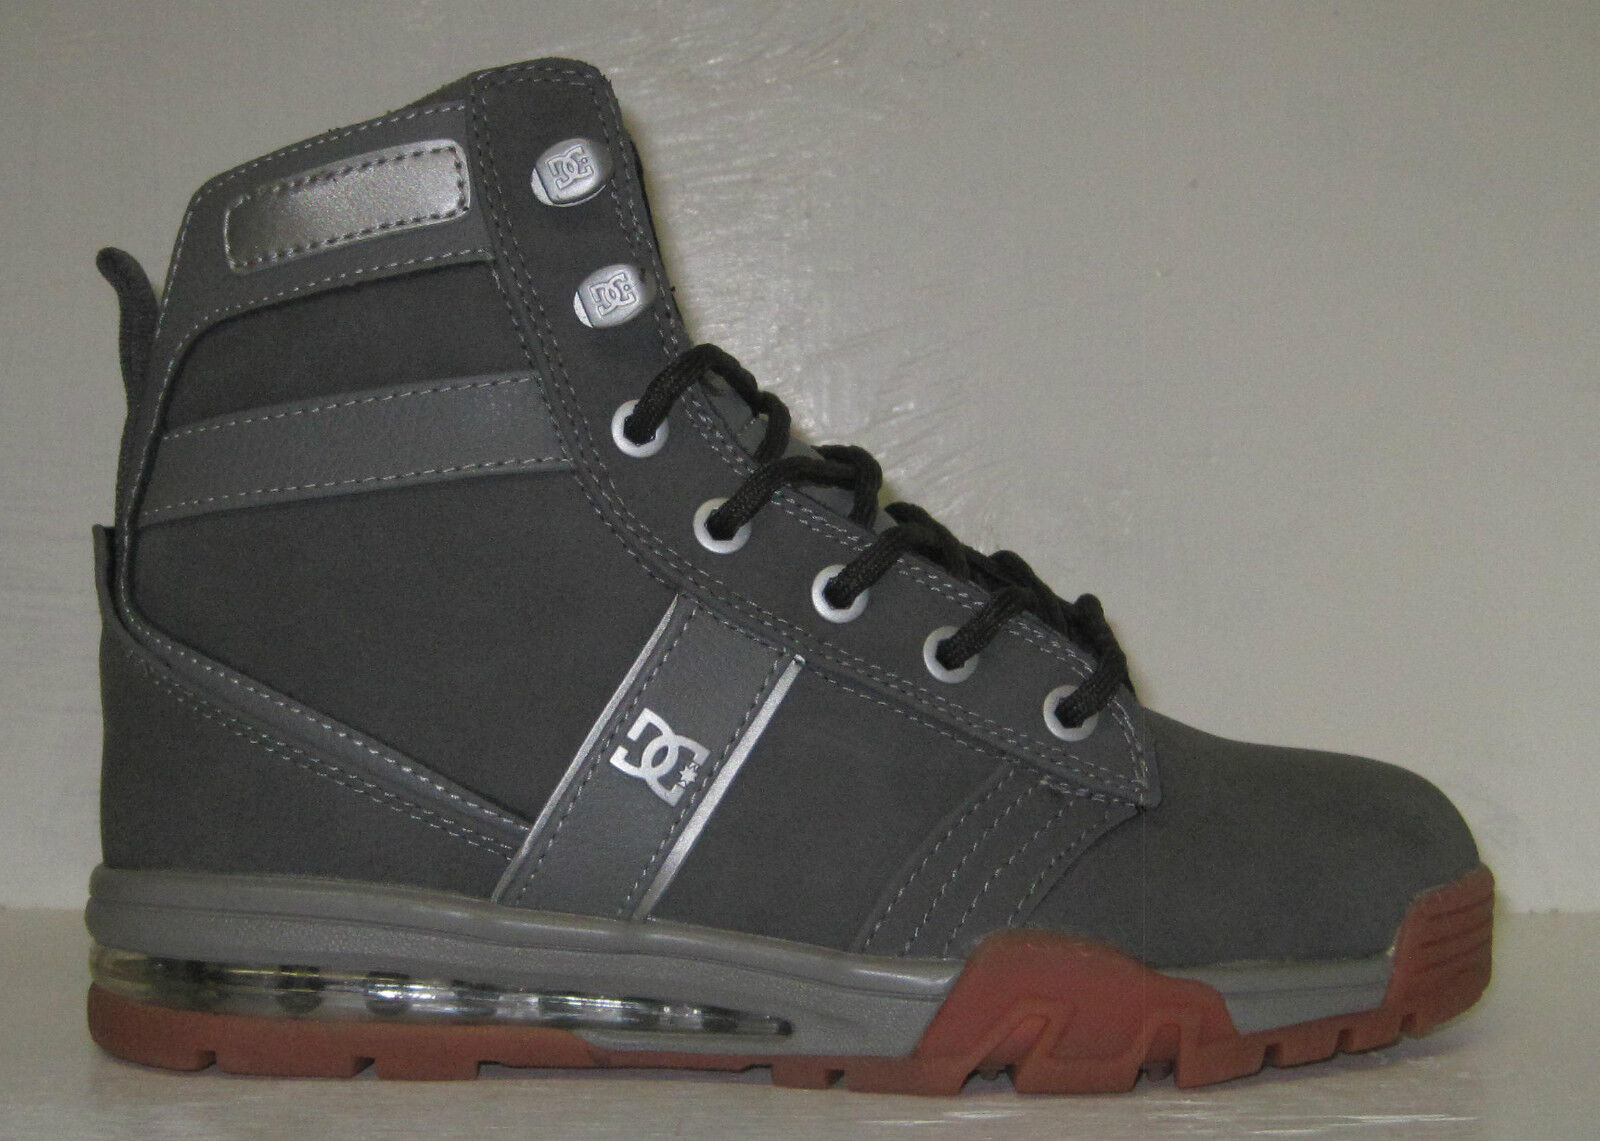 dc men's lieutenant wr sneaker, grey/gum sizes 6 & 6.5 M US